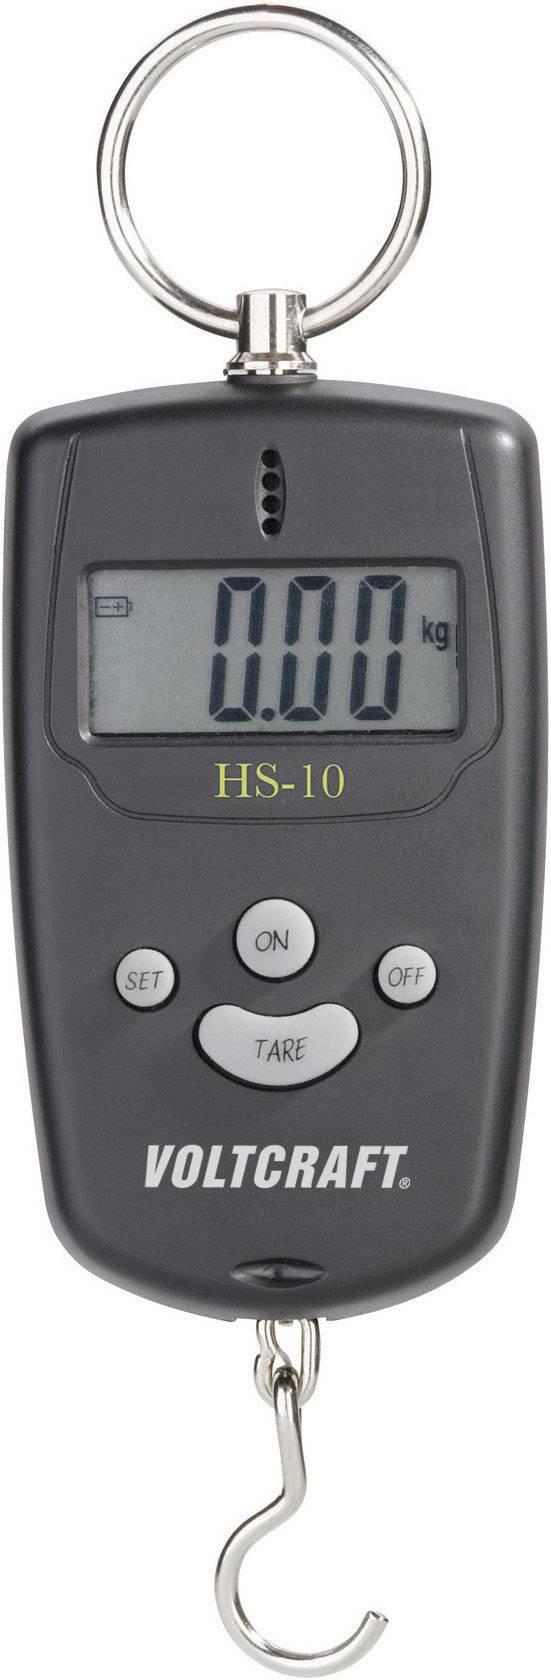 Závěsná váha VOLTCRAFT max. váživost 10 kg rozlišení 10 g